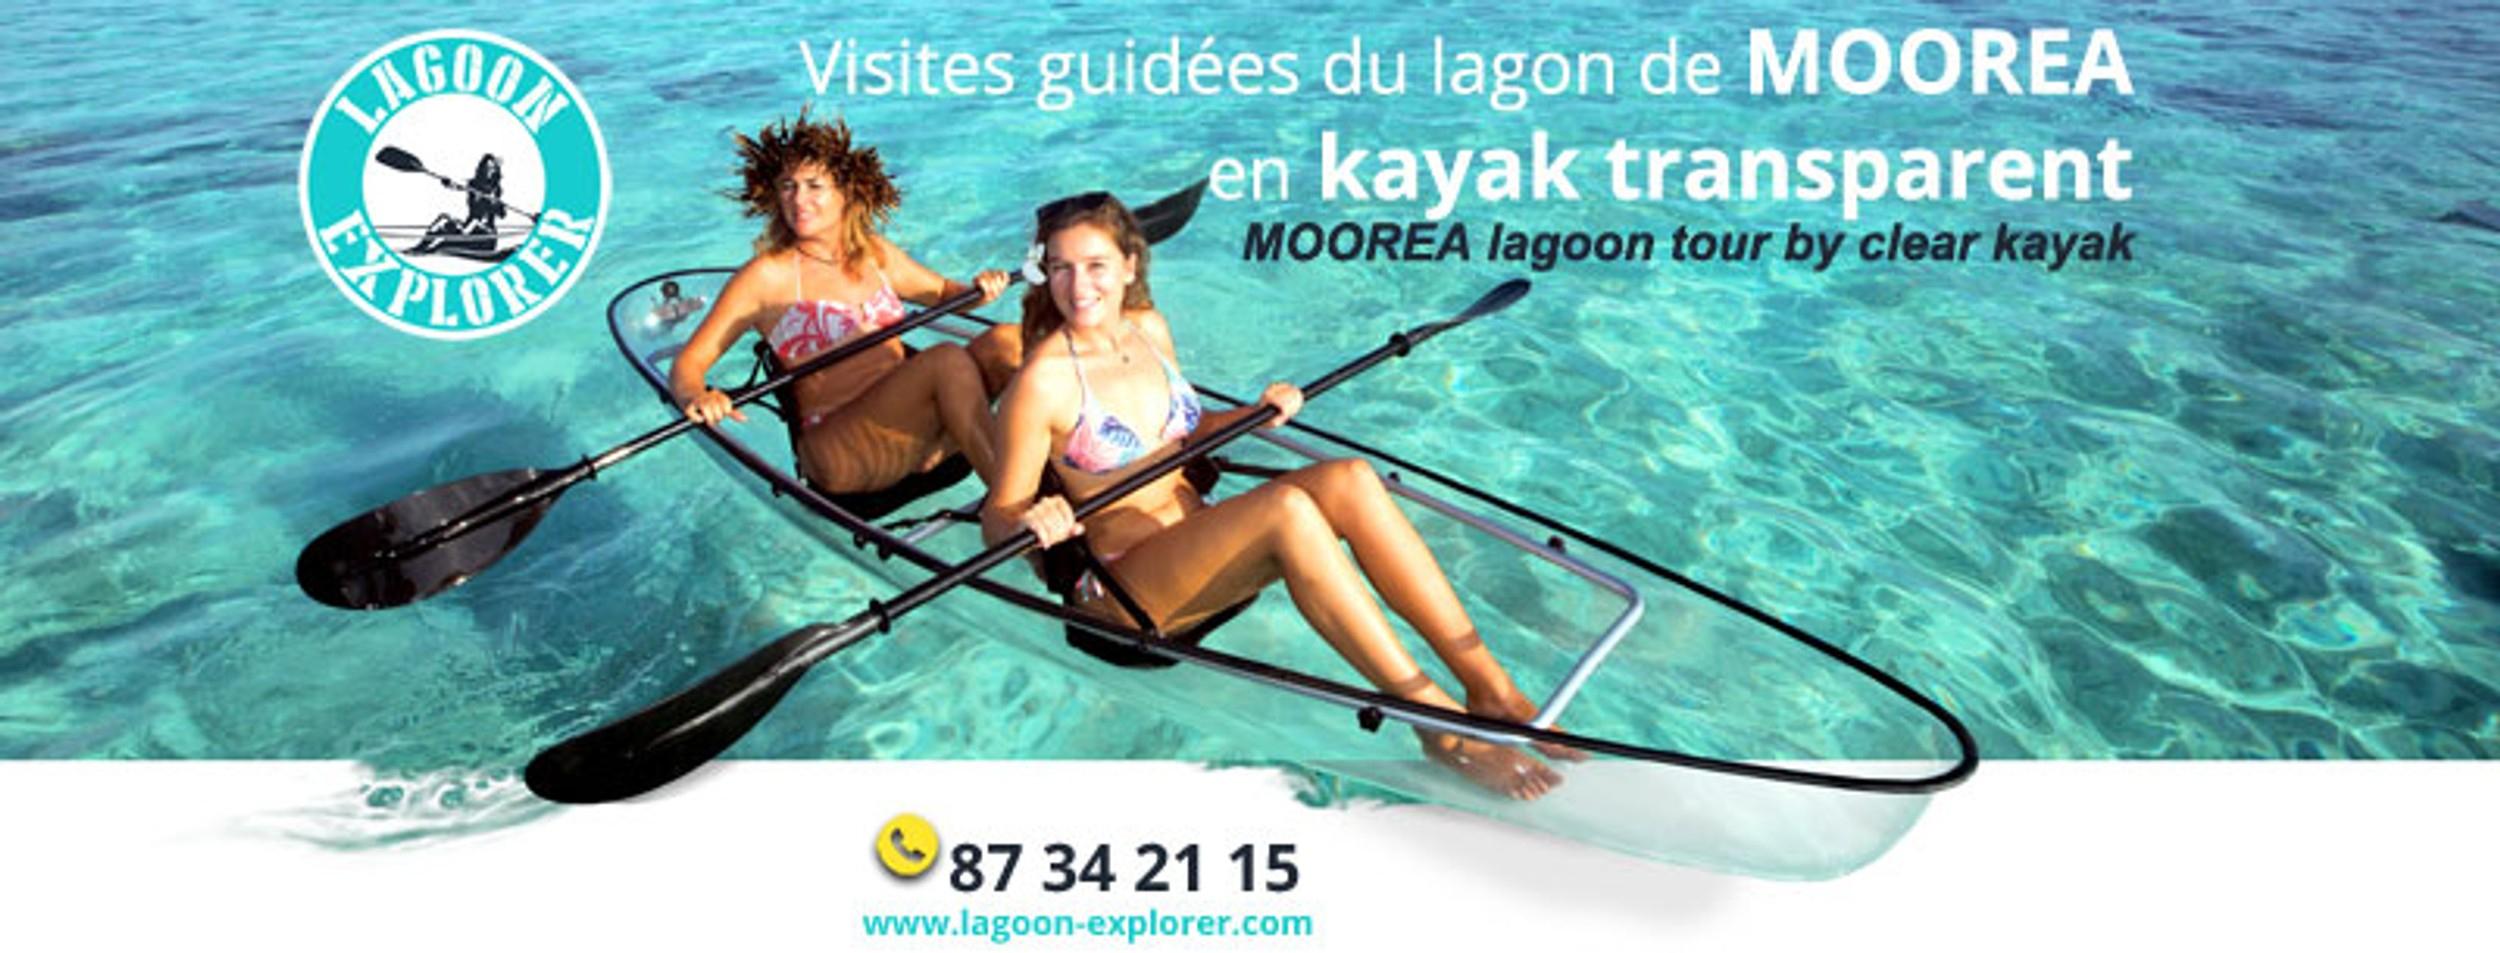 Lagoon Explorer | Activités À Moorea | Excursions Kayak ... destiné Location Maison Avec Jardin 34